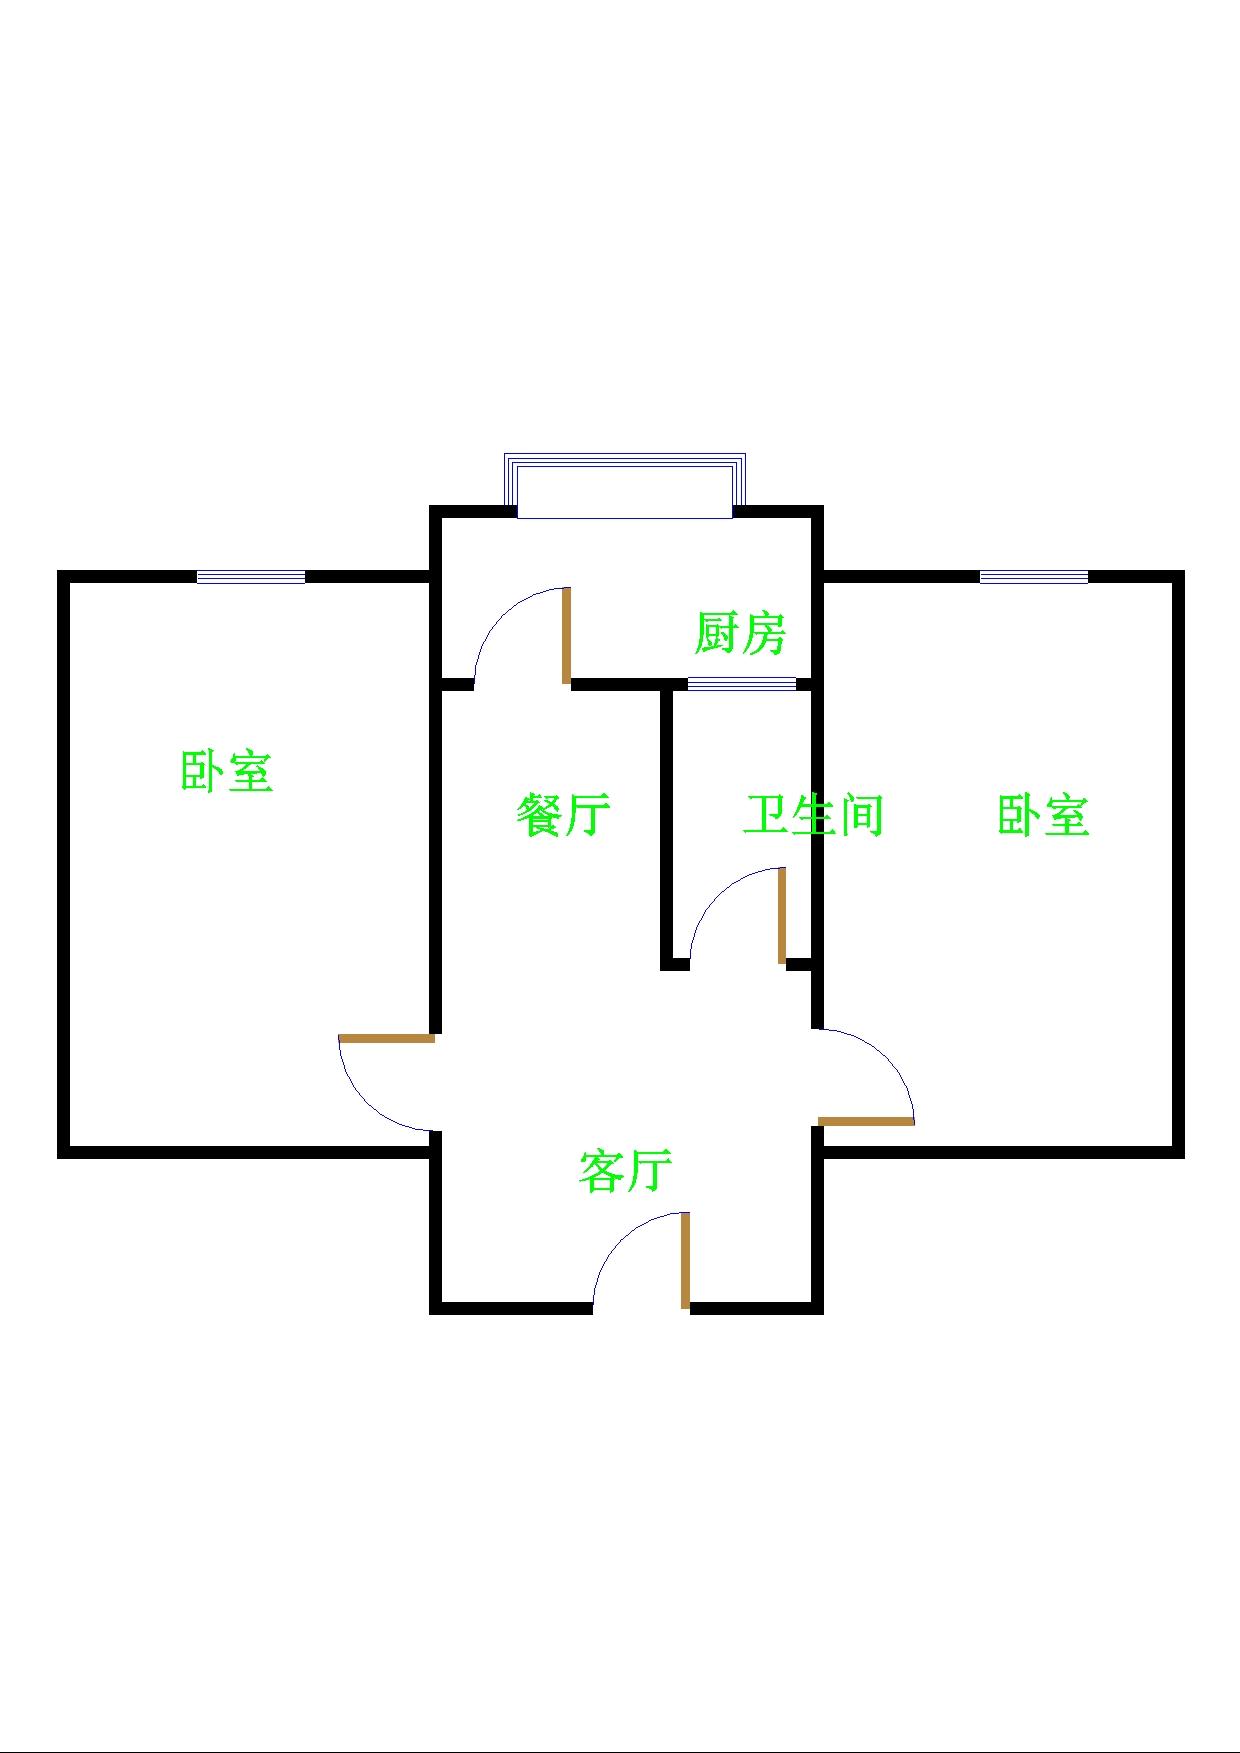 刨花板厂宿舍 2室1厅 双证齐全 简装 32万